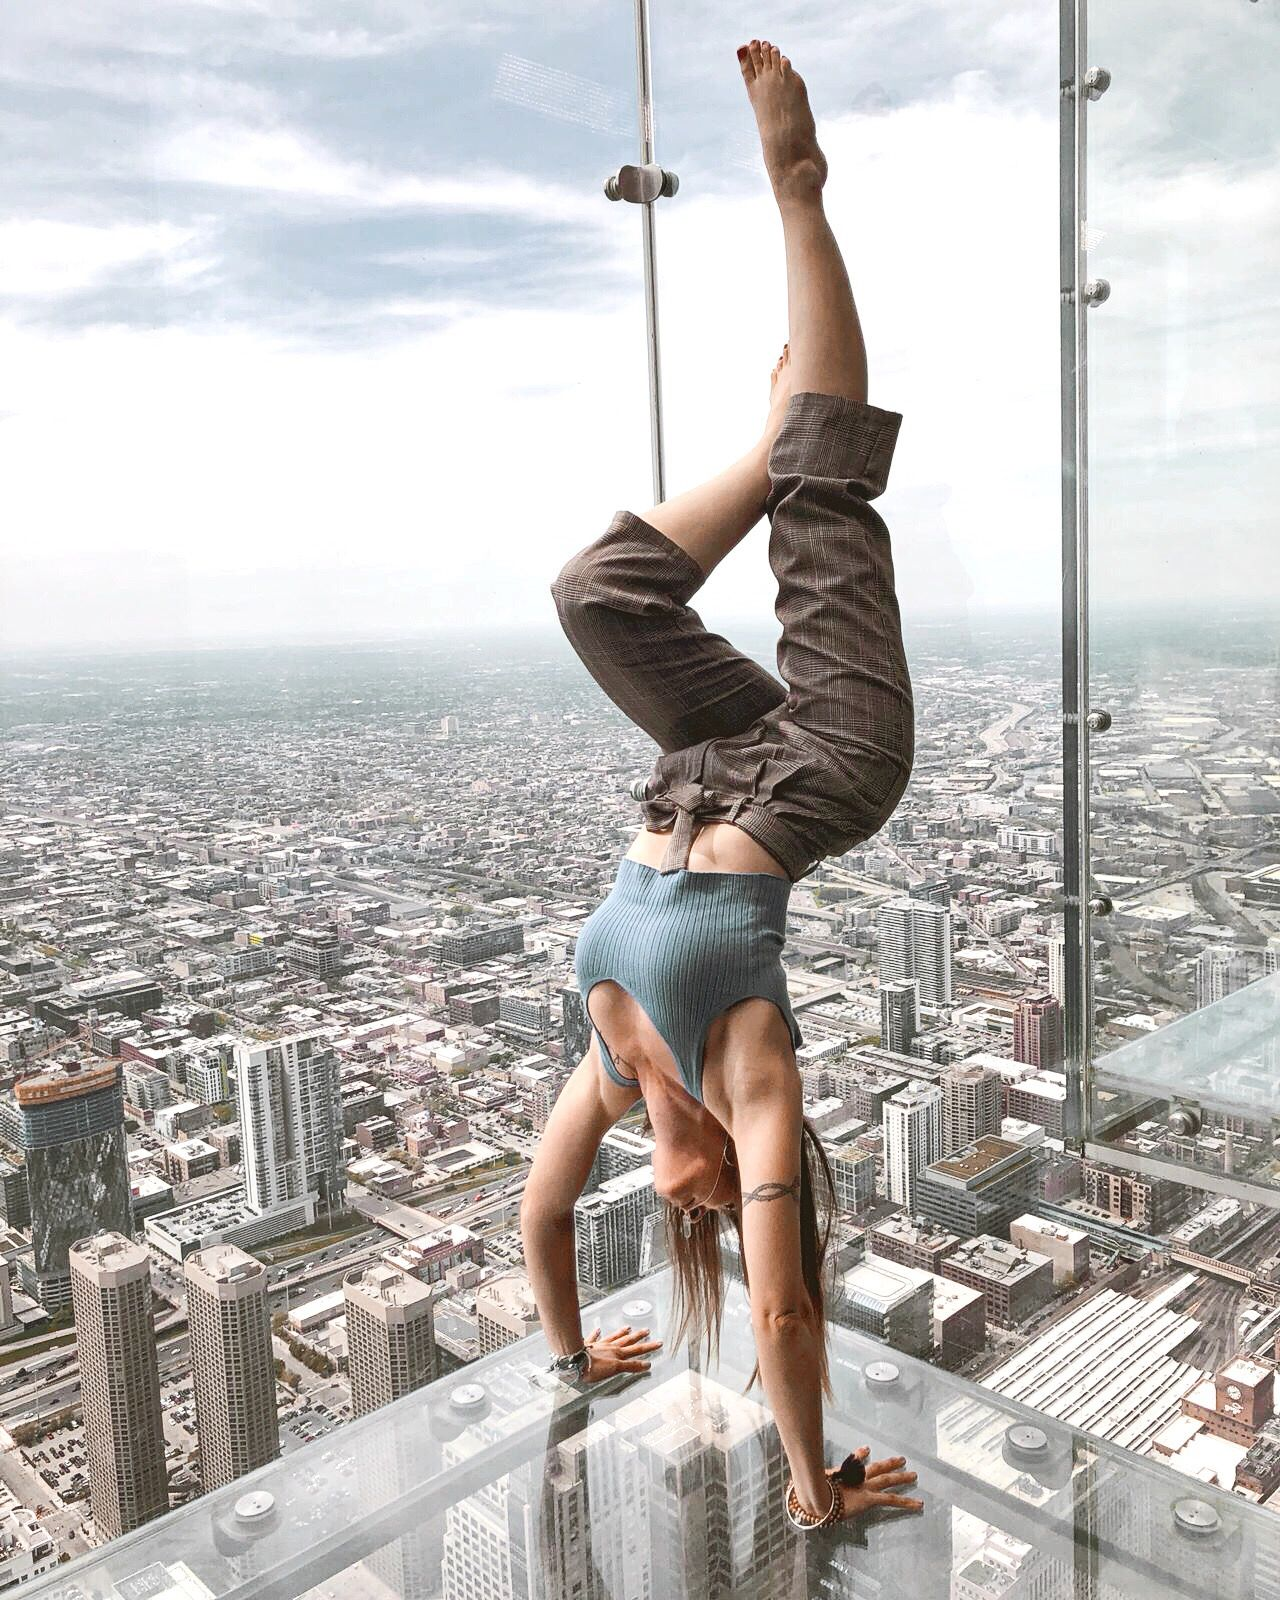 Ya son famosas las posturas de yoga en el SkyDeck